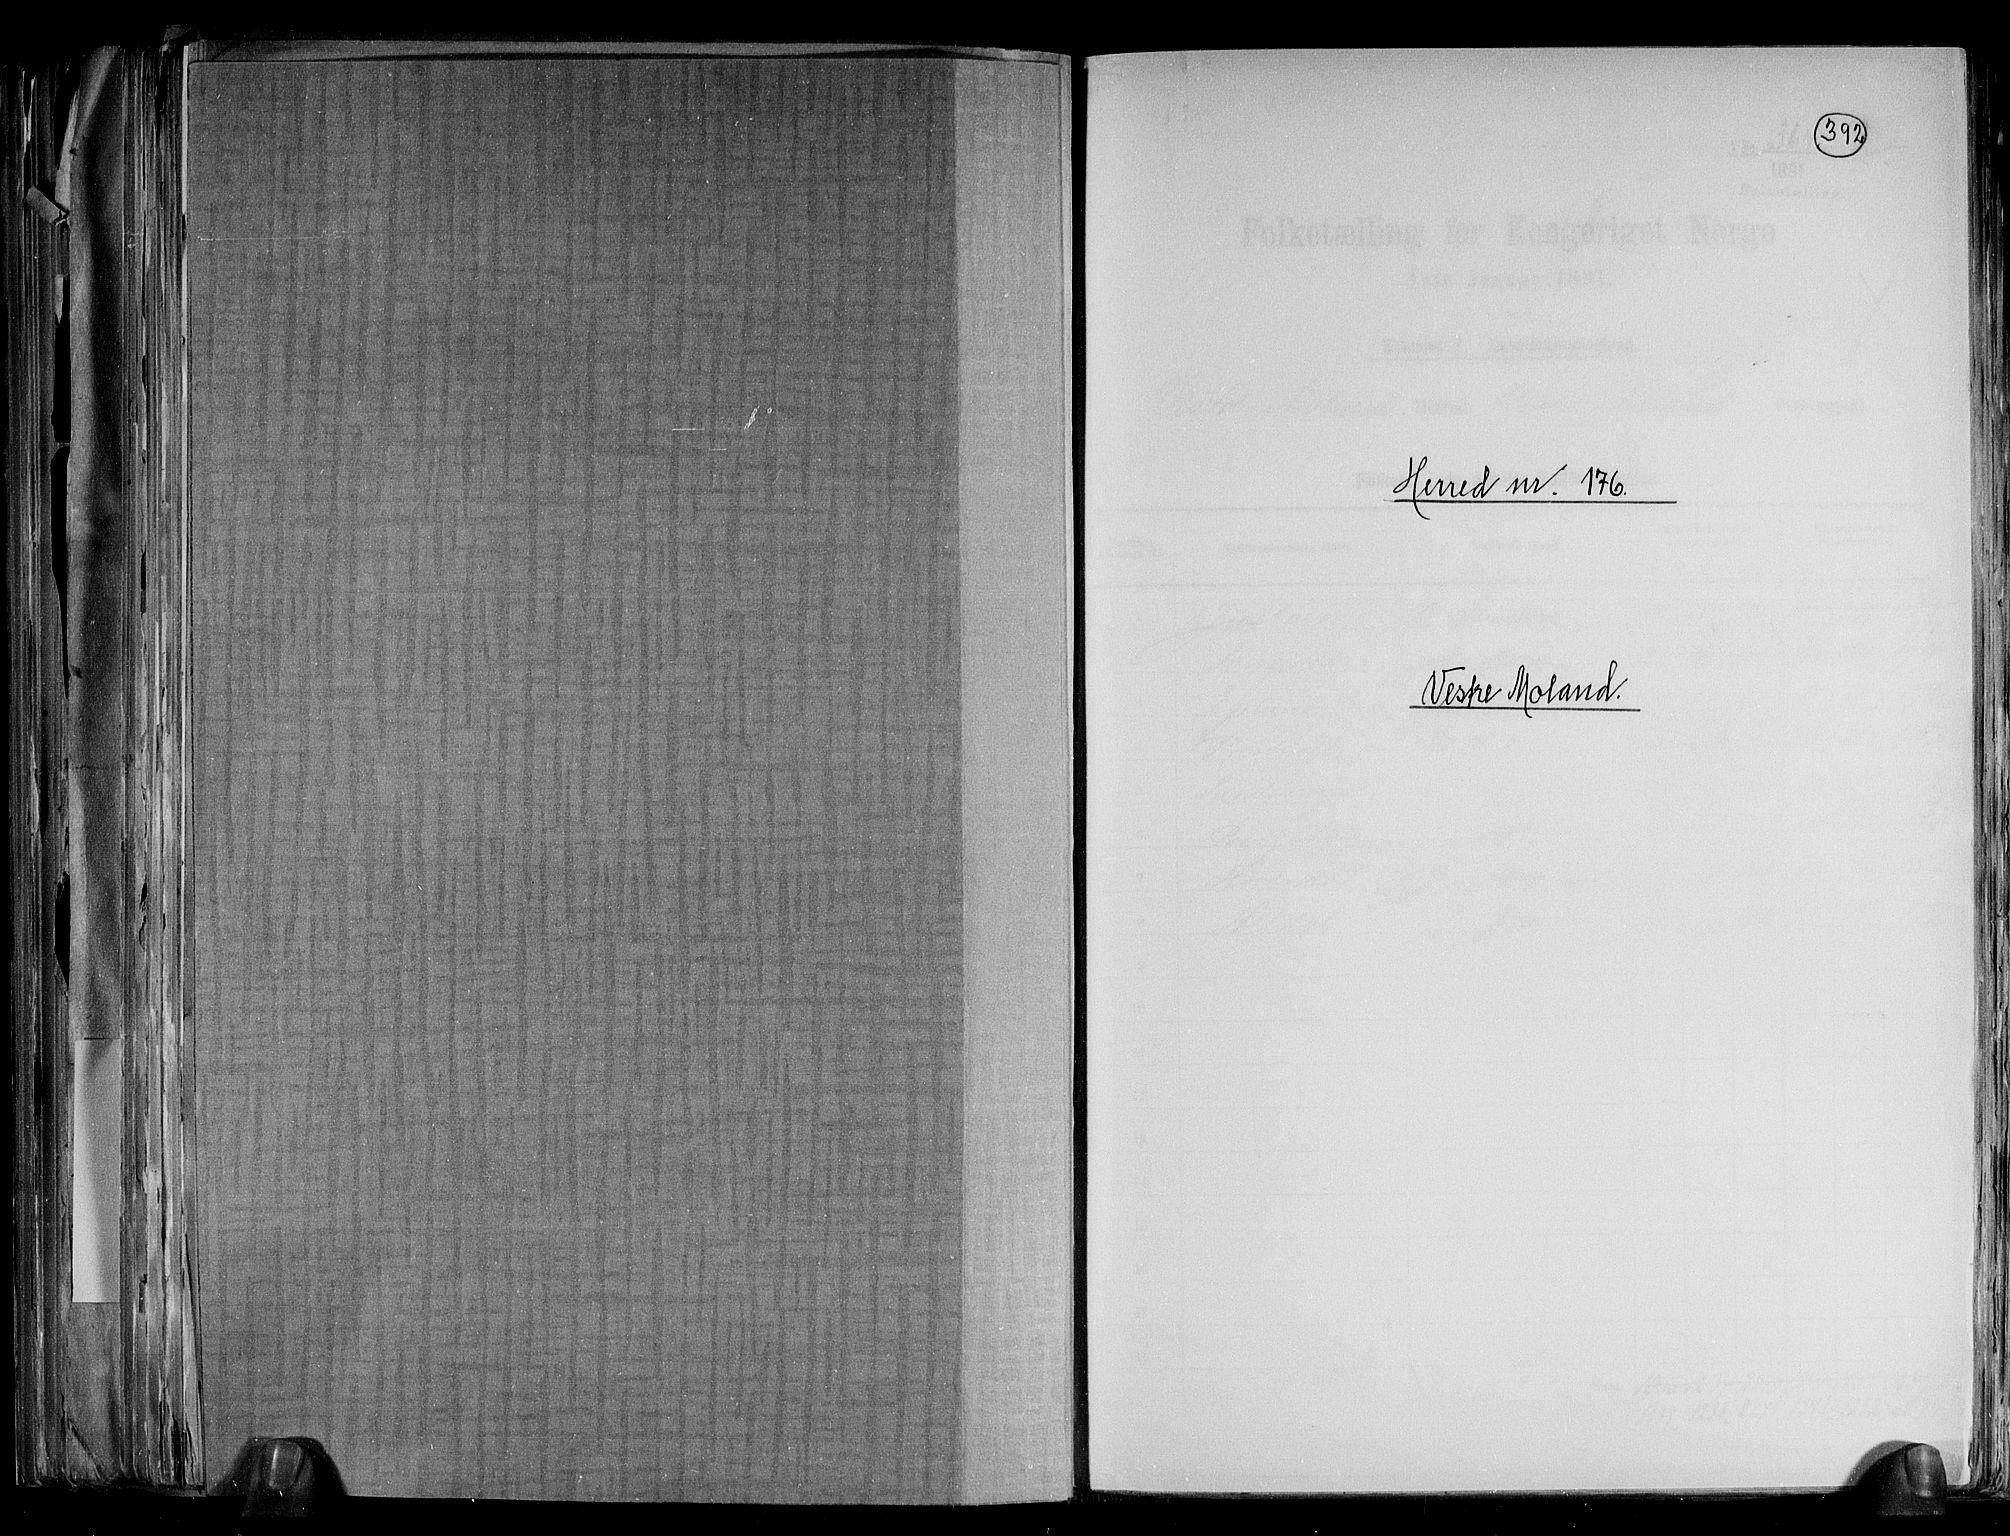 RA, Folketelling 1891 for 0926 Vestre Moland herred, 1891, s. 1